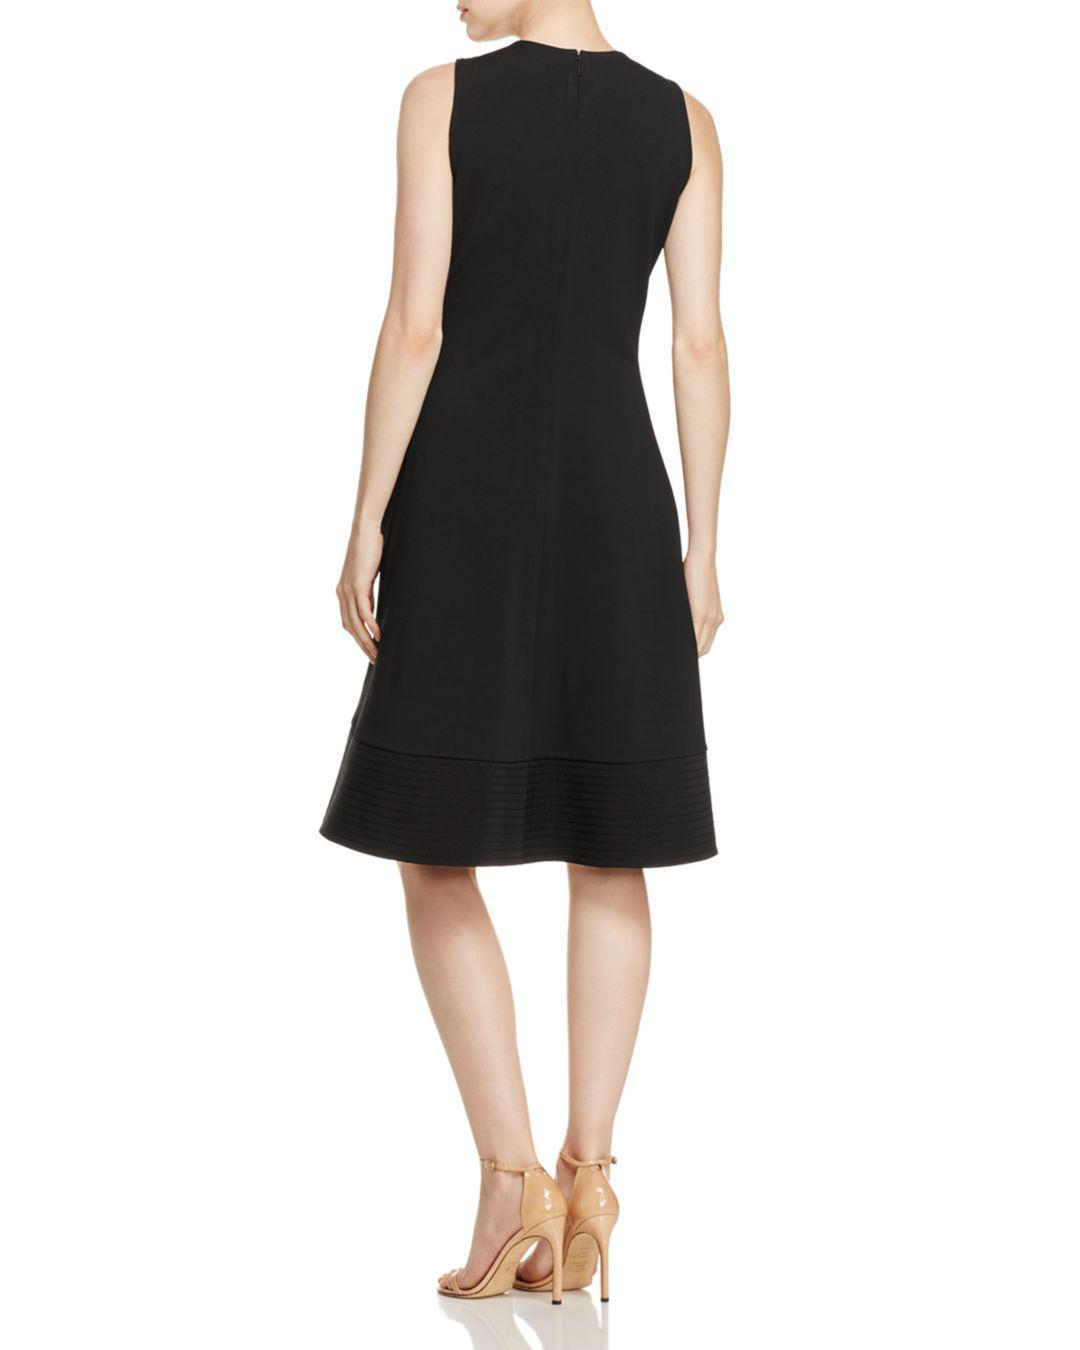 58204049e83d4 Lyst - Donna Karan Sleeveless Zip-front Dress in Black